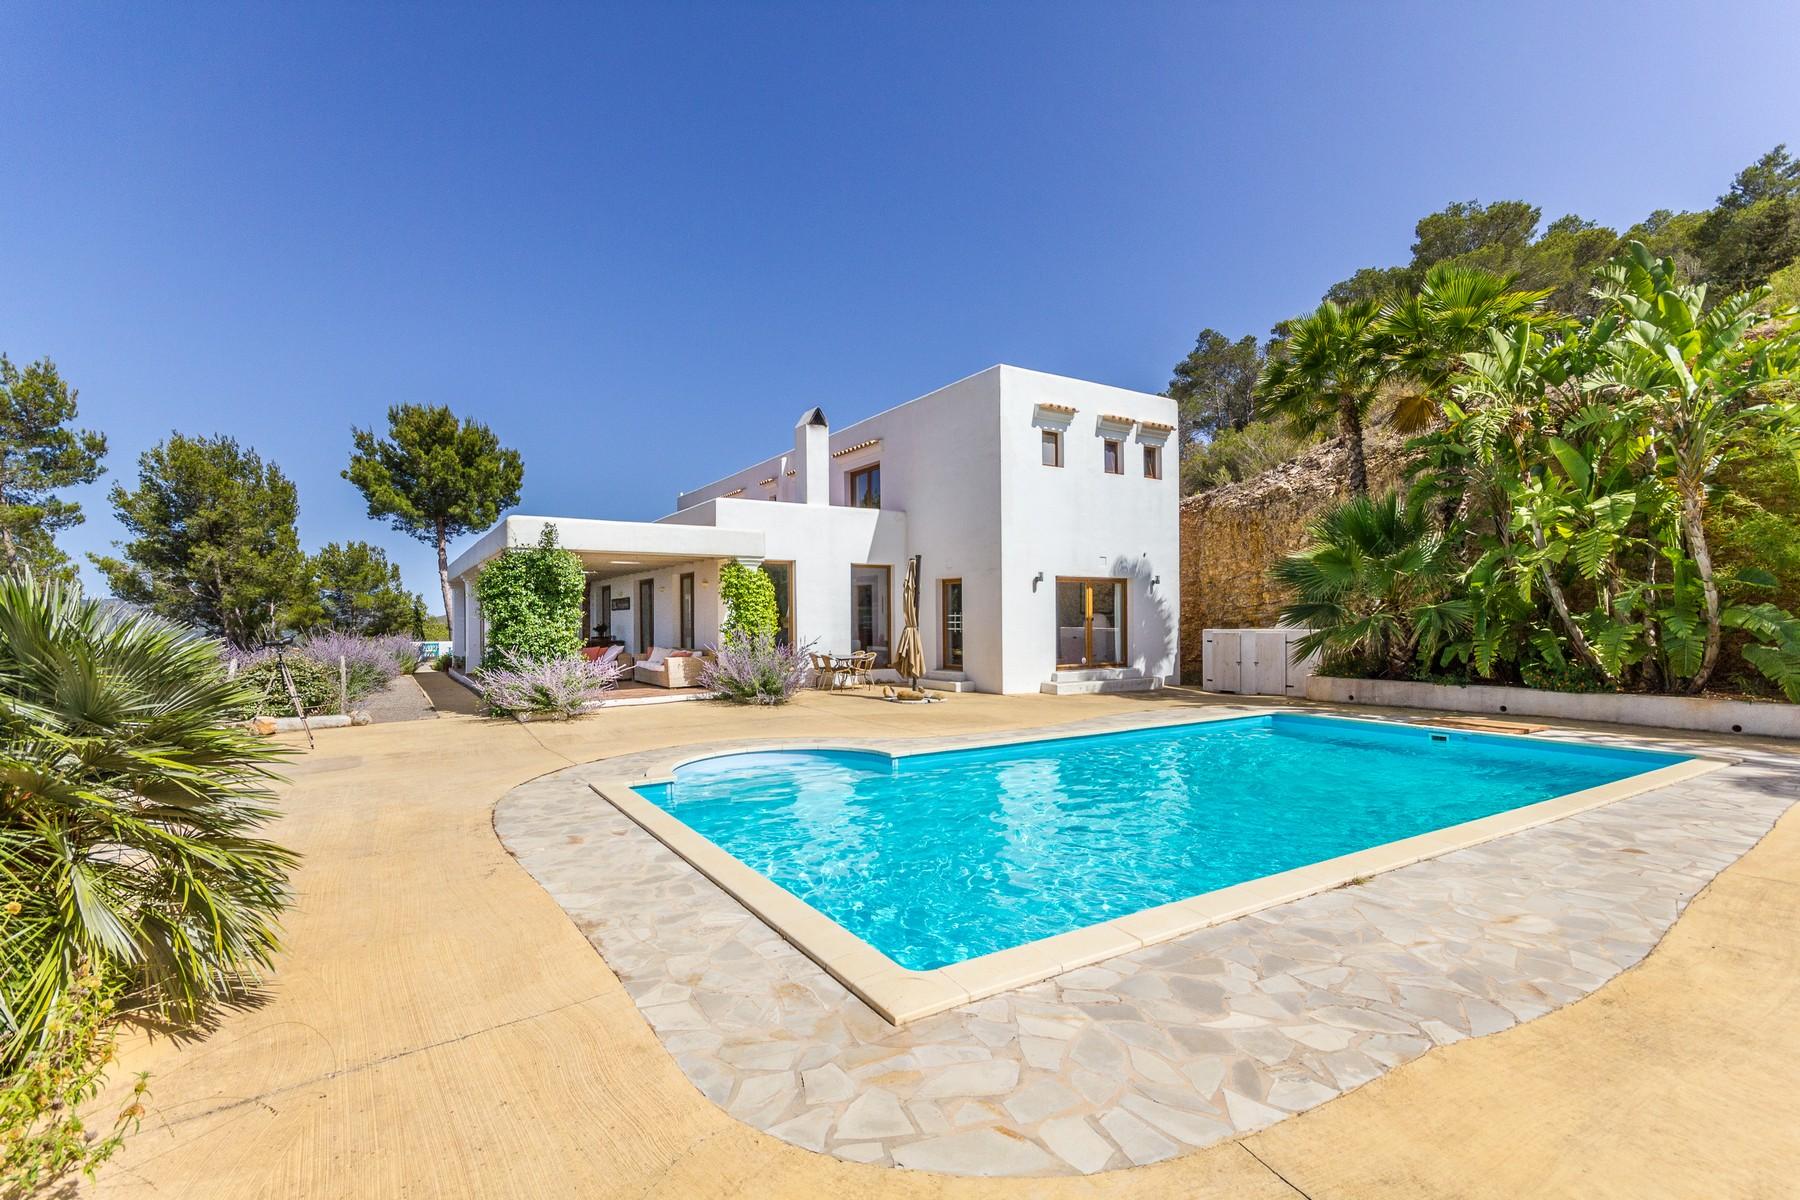 一戸建て のために 売買 アット Hilltop Villa with Panoramic Views in San Miguel San Juan, イビサ 07810 スペイン